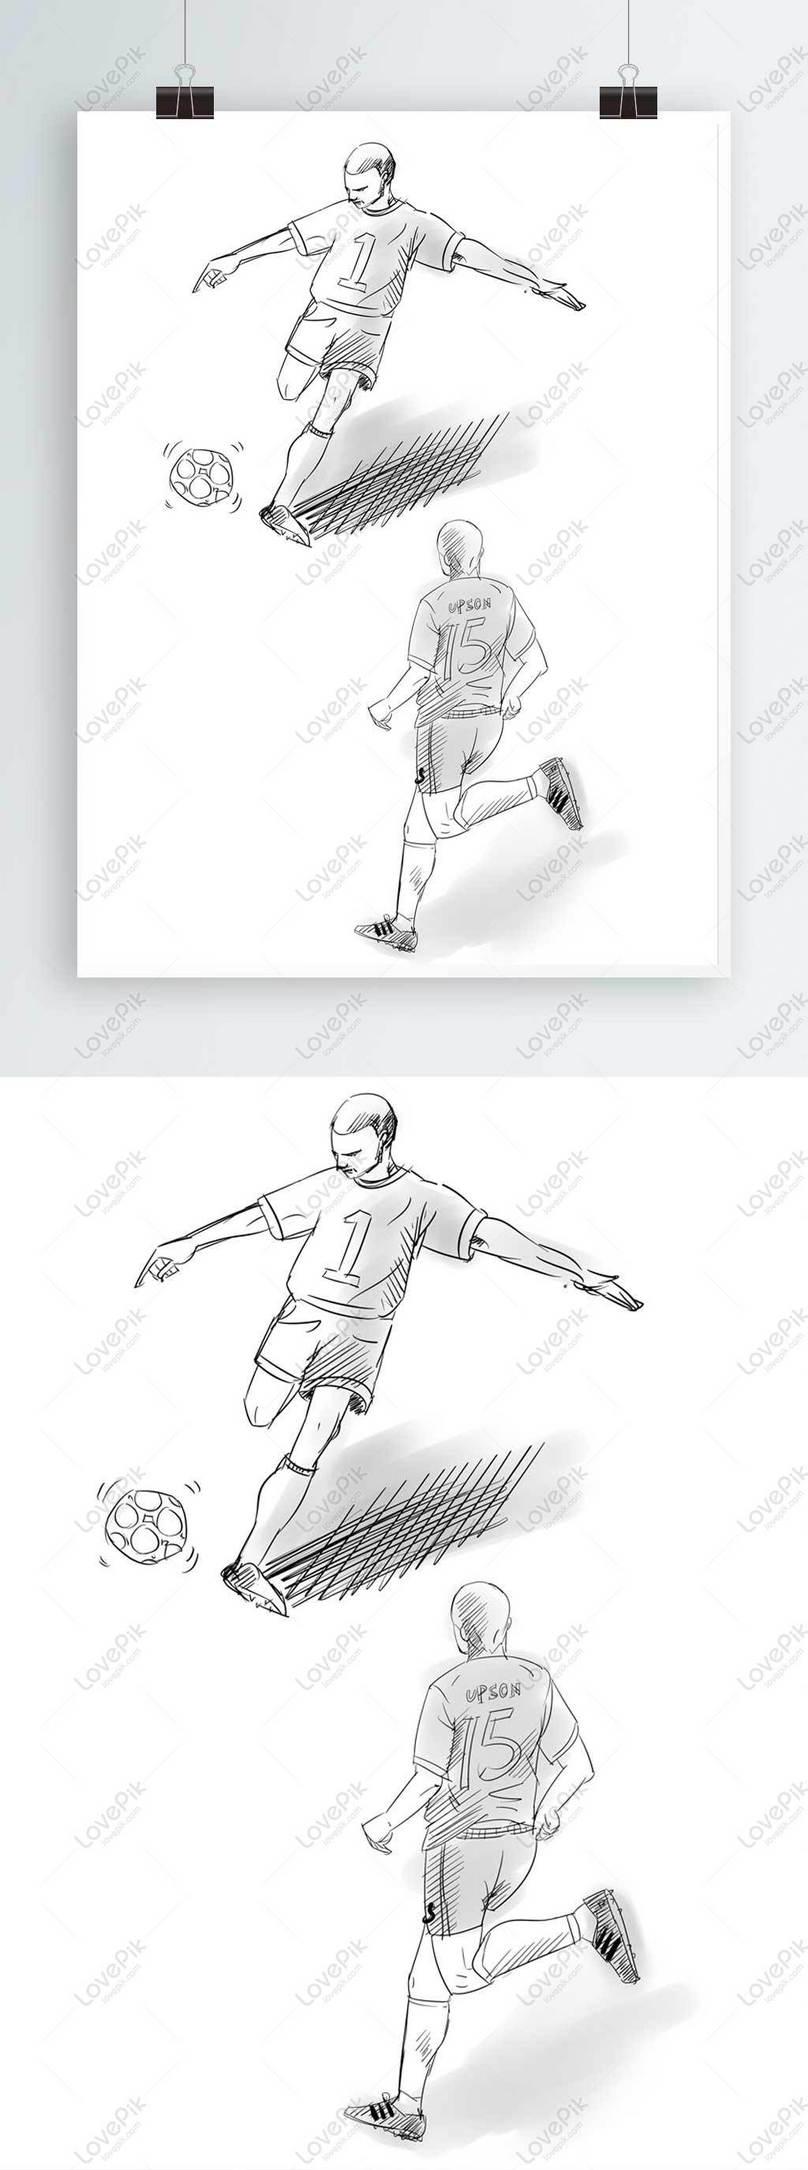 Sketsa Pemain Bola Sepak Menendang Bola Gambar Unduh